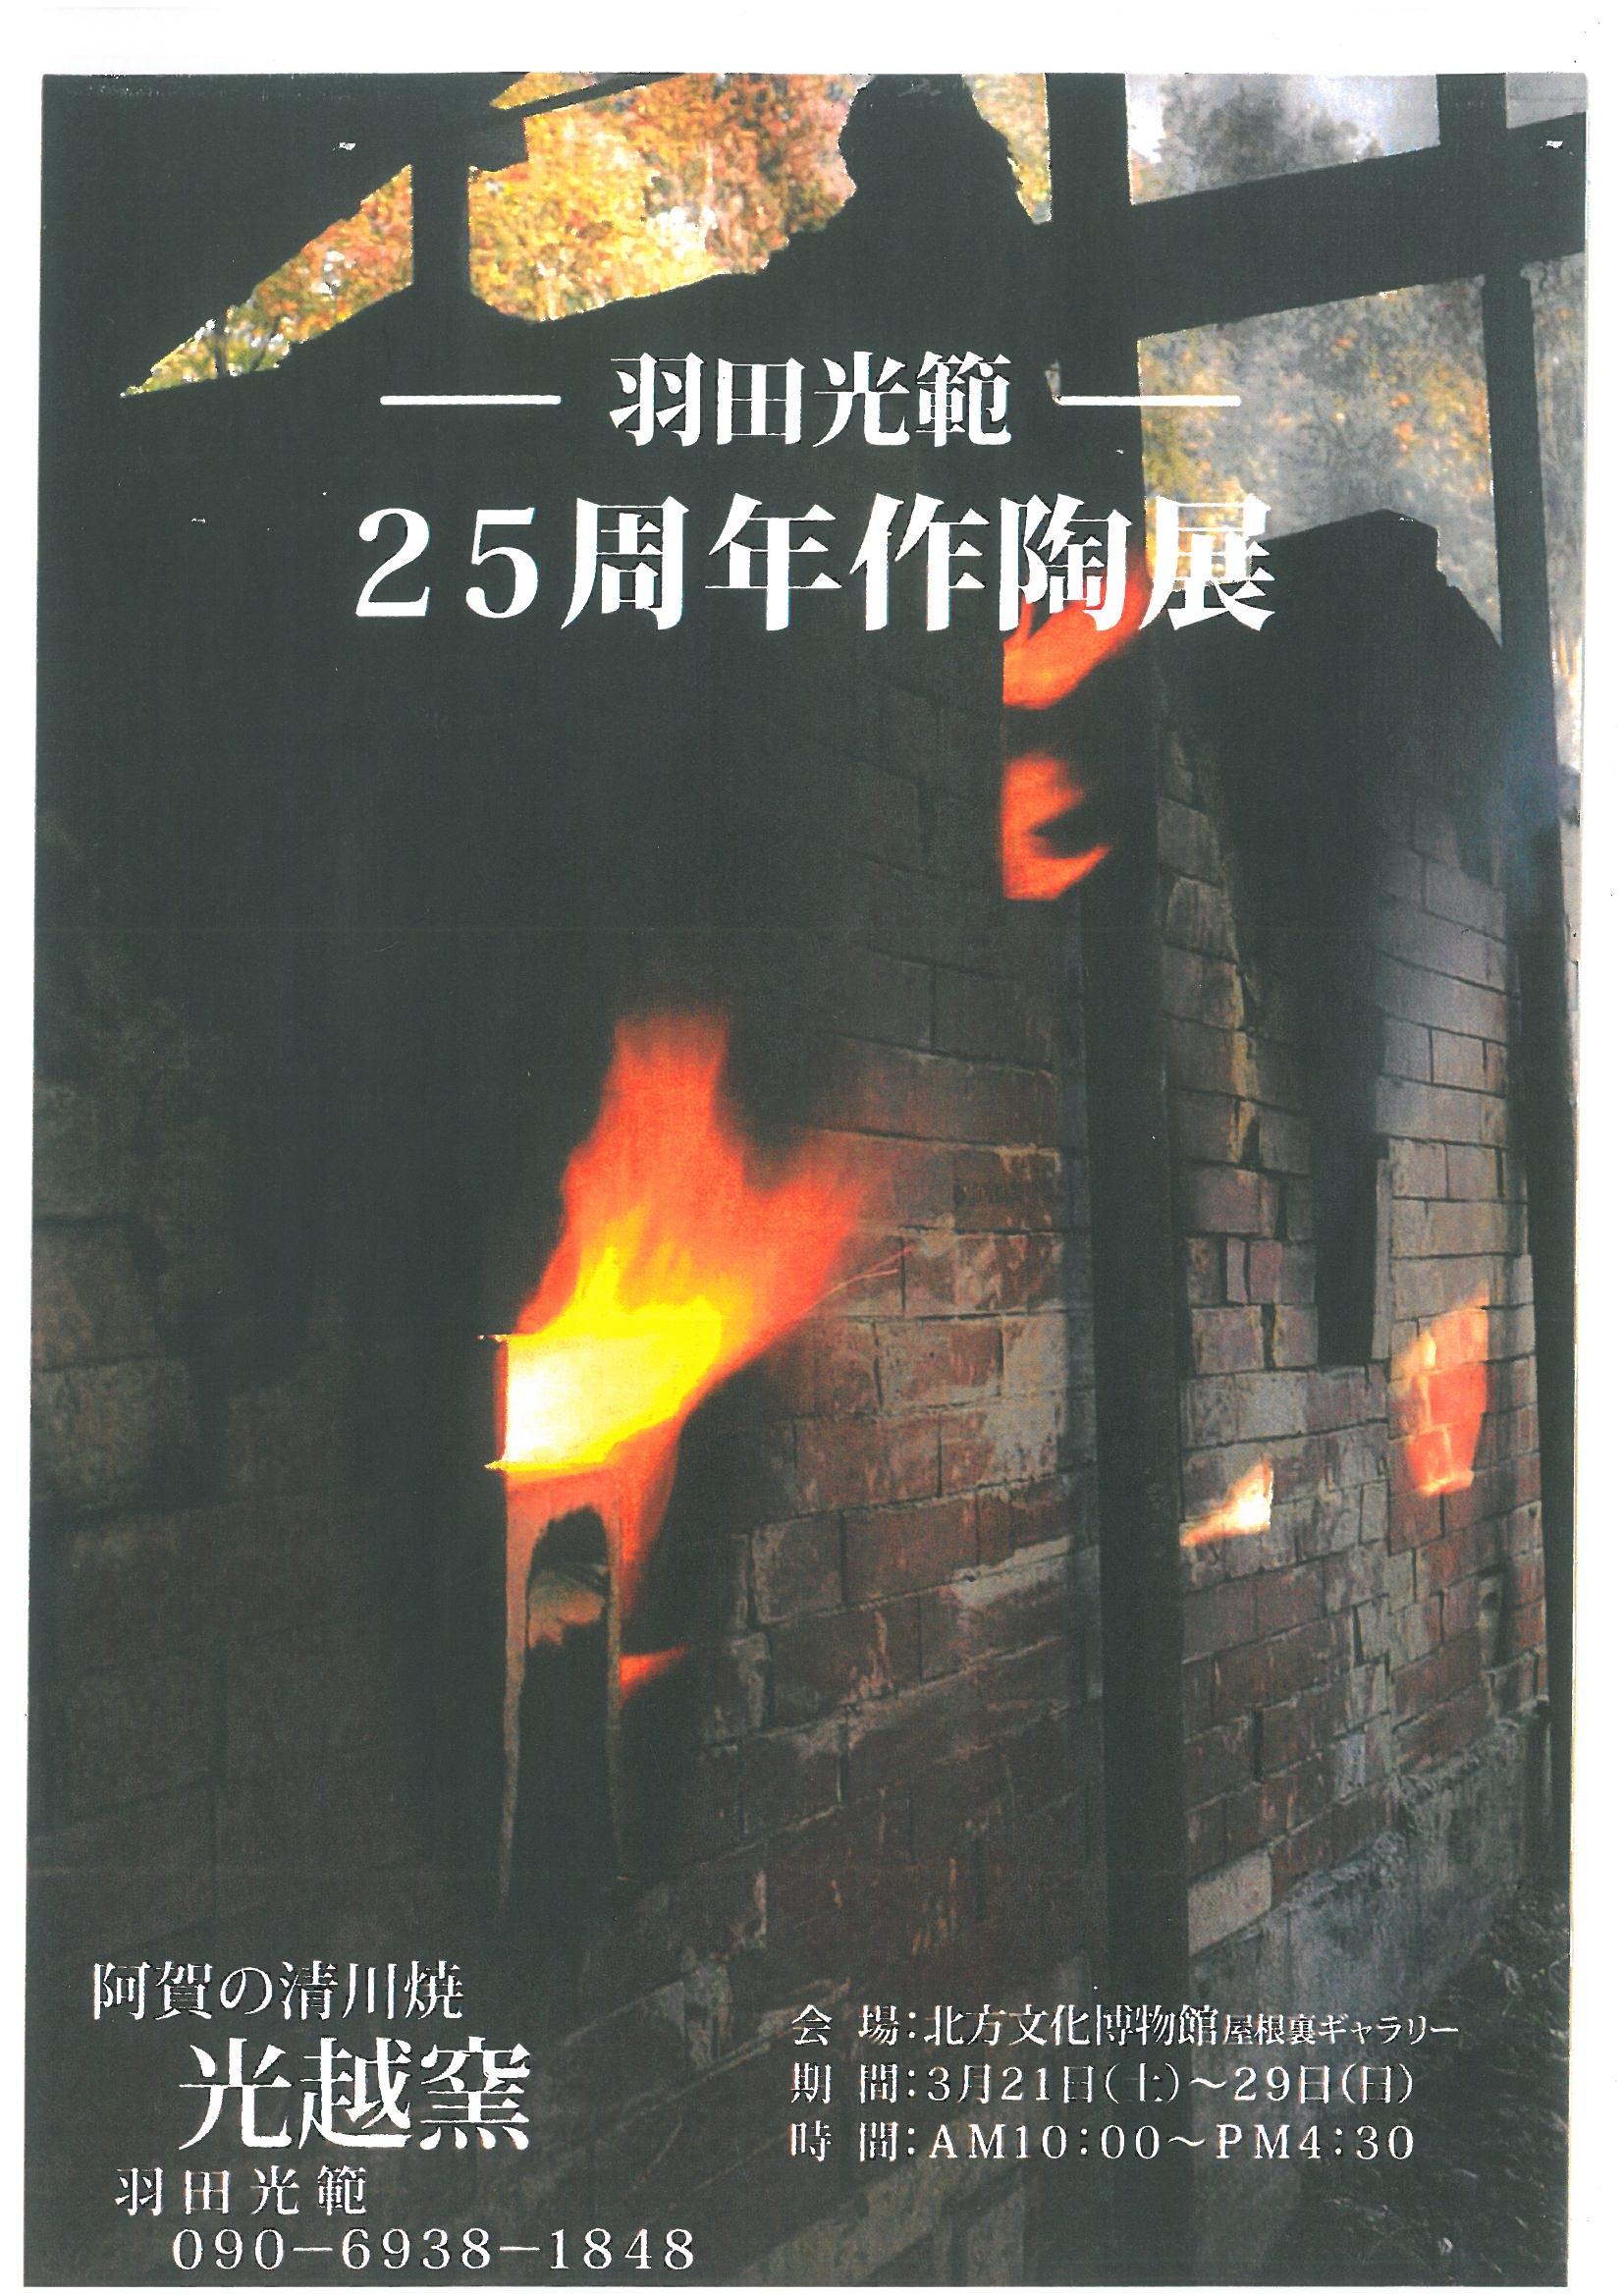 羽田先生の25周年作陶展 お知らせ_e0135219_1346661.jpg